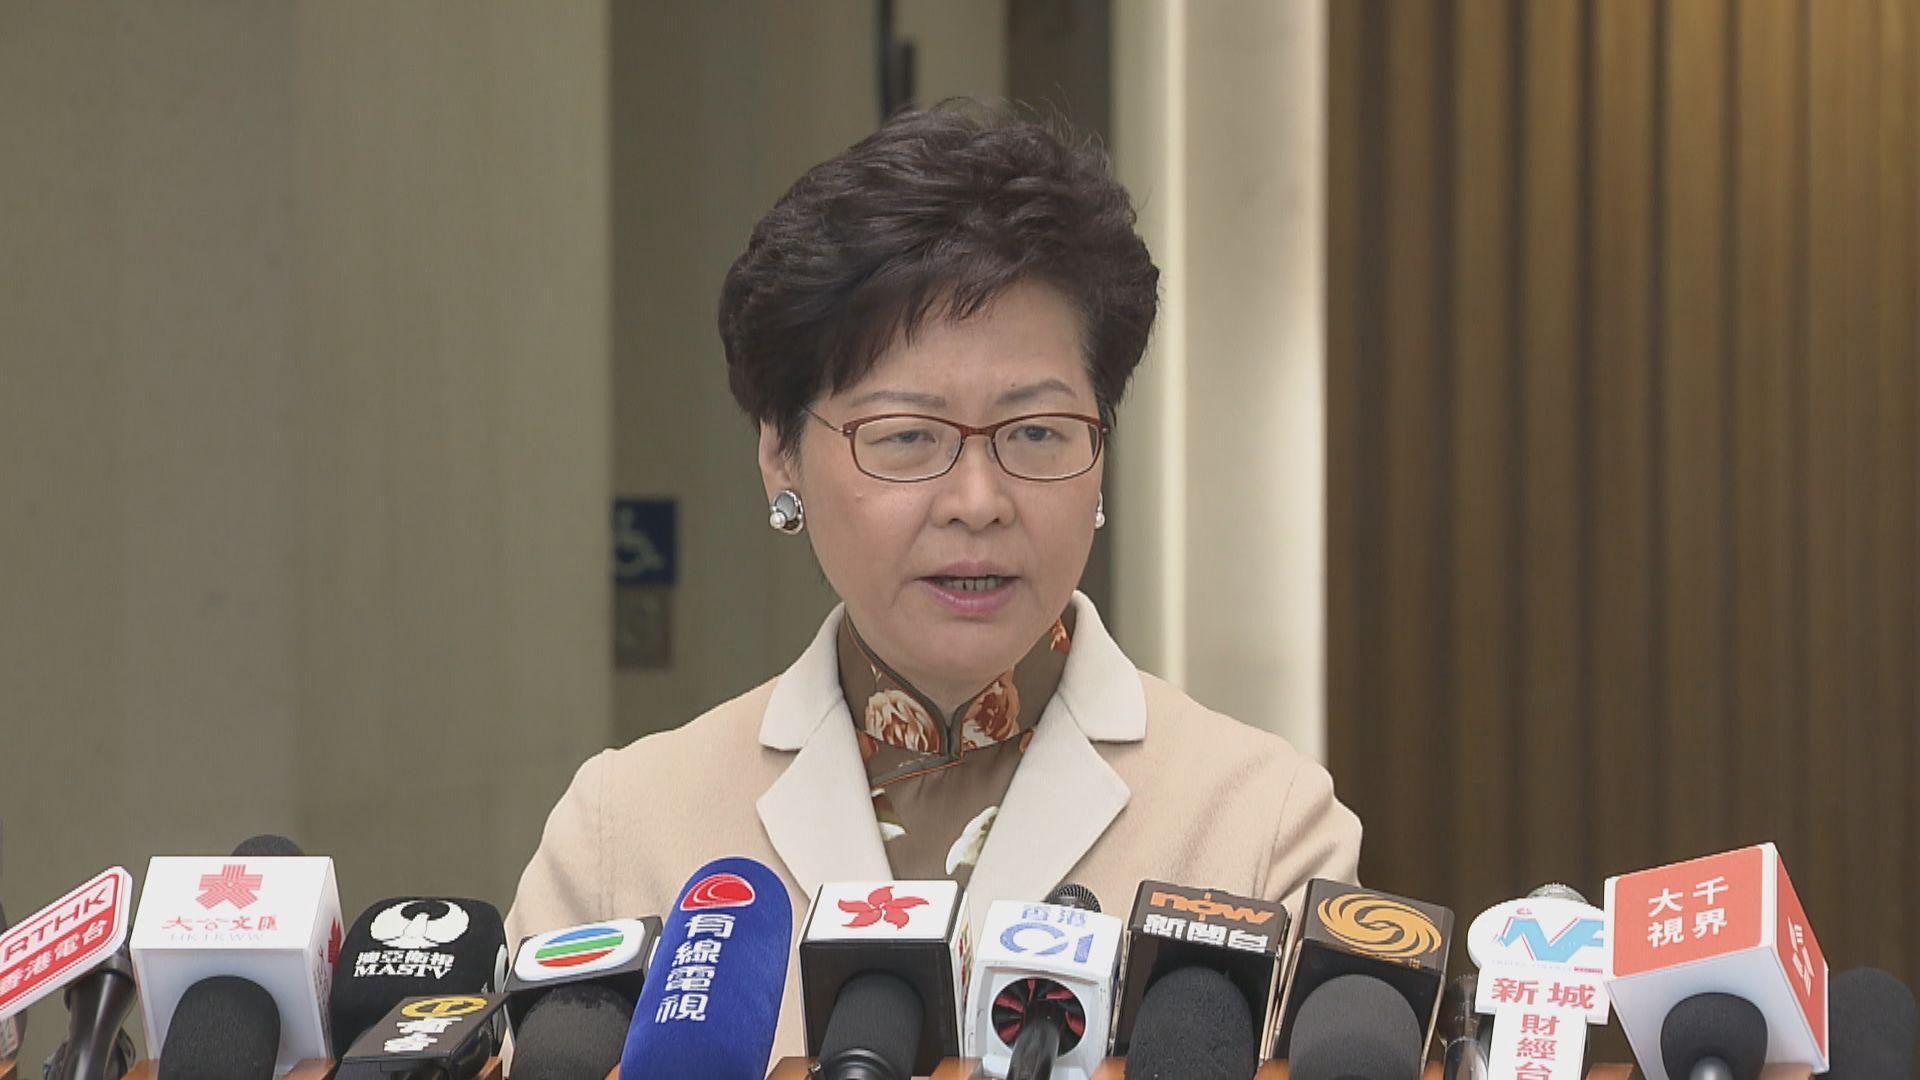 林鄭:中央日內公布粵港澳大灣區規劃綱要